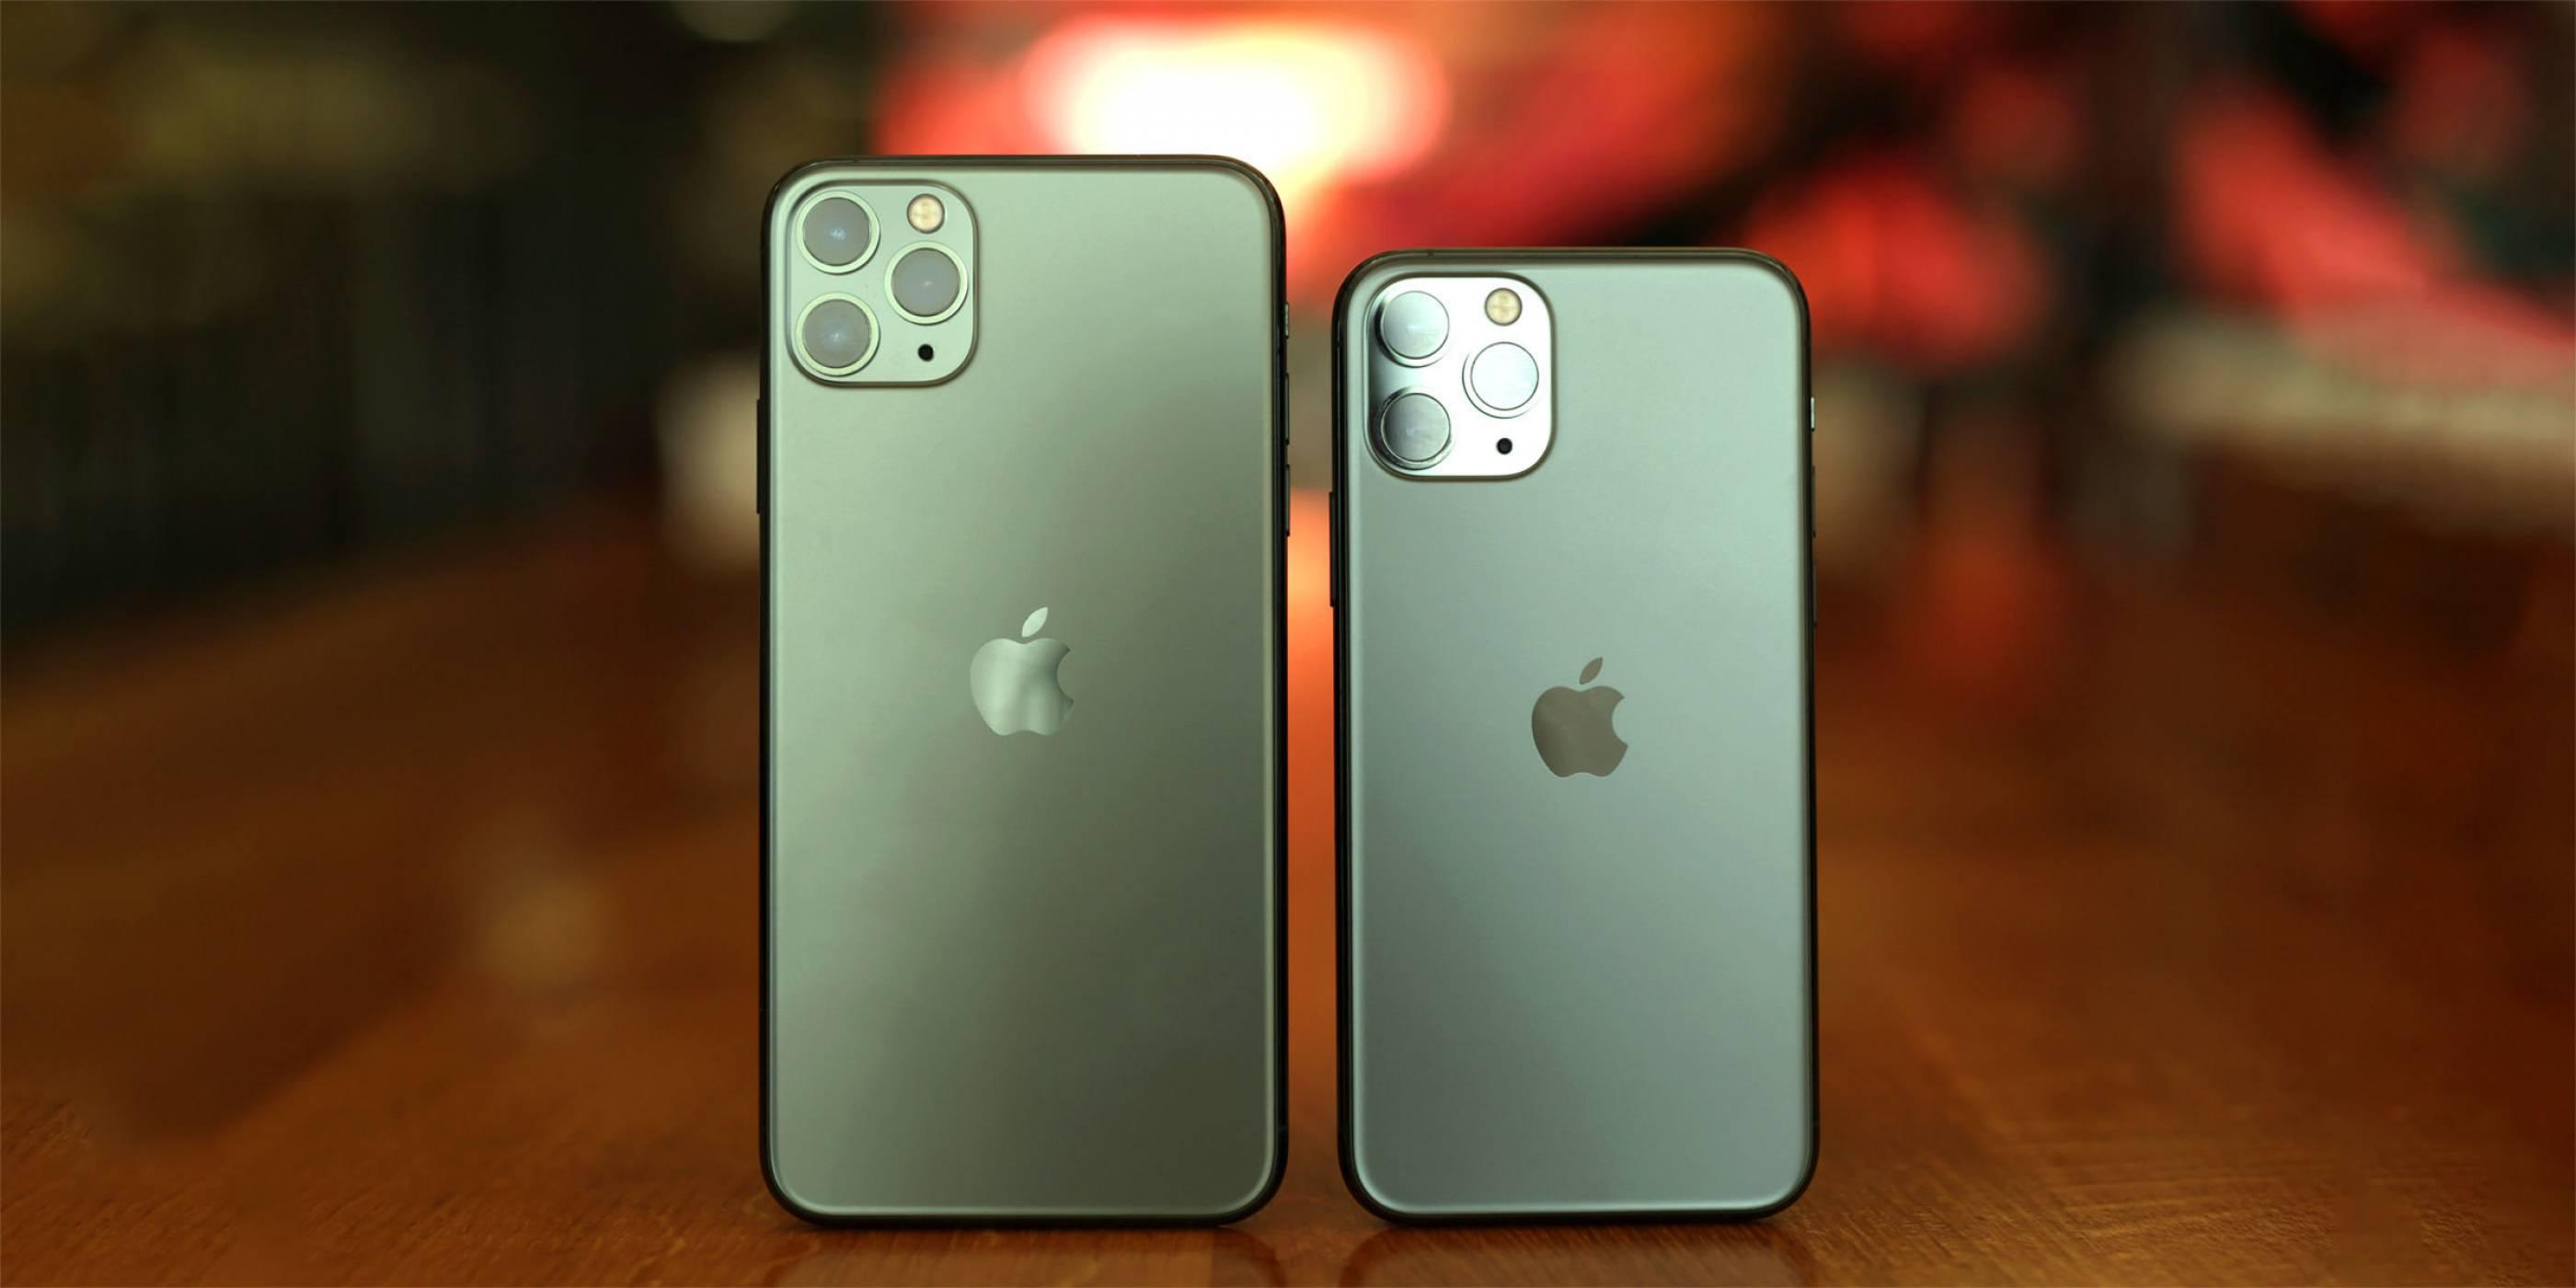 Това са цените на iPhone 11 в мрежата на А1 и Теленор